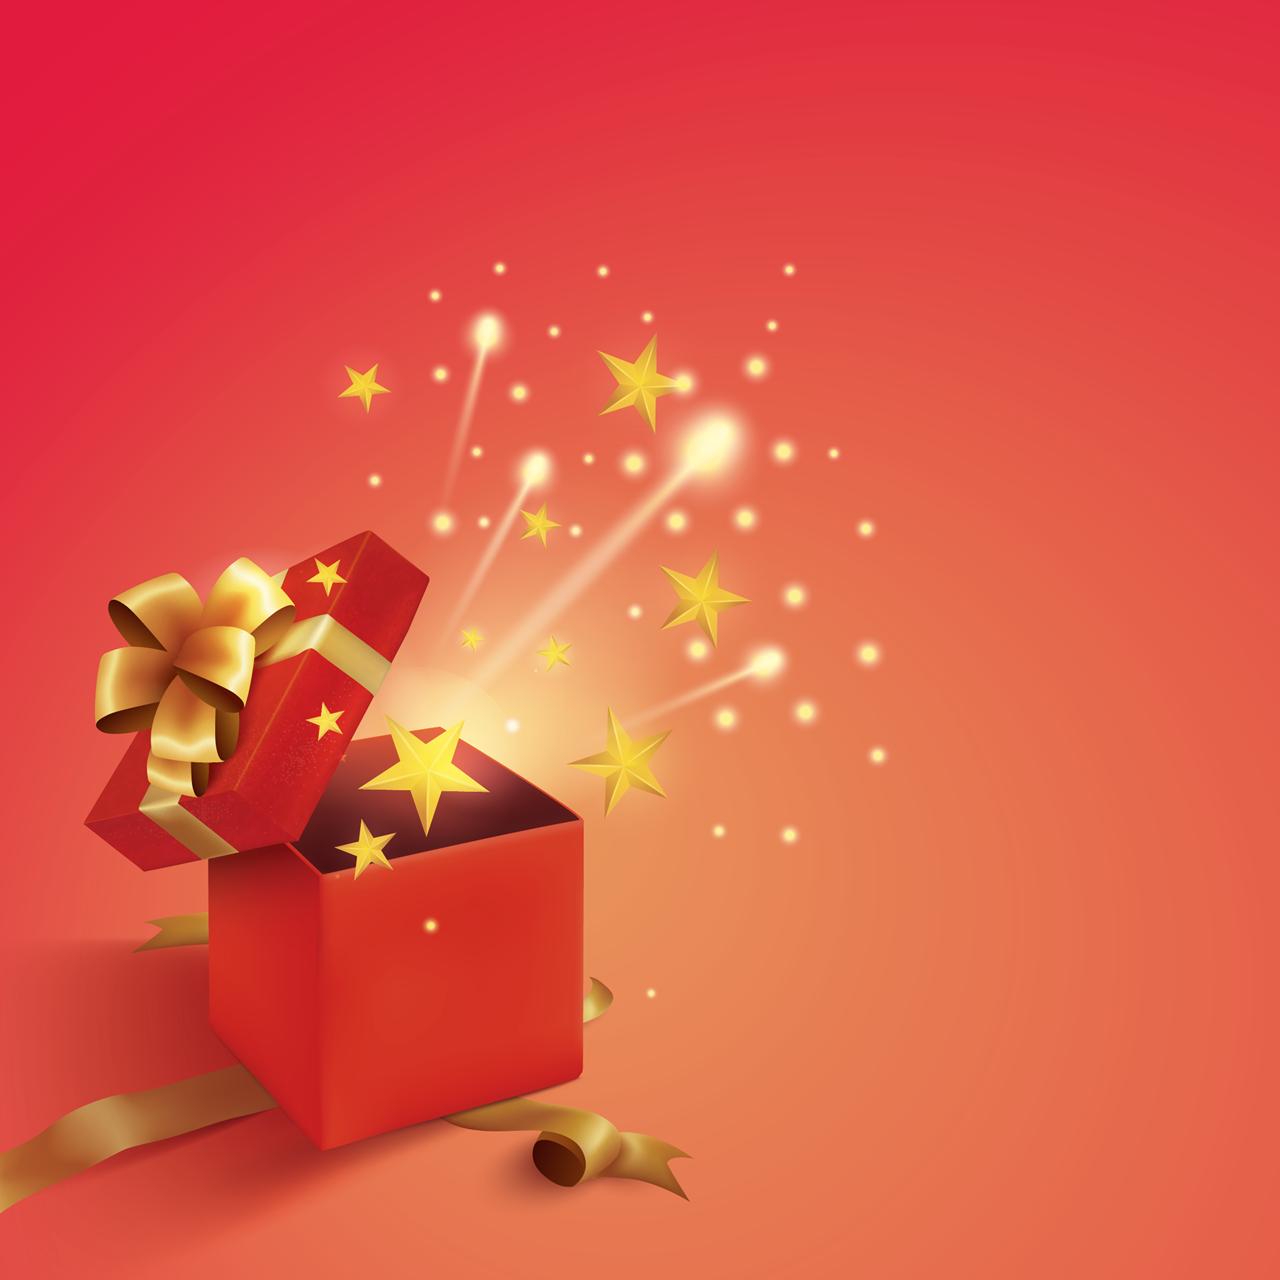 שירות המתנות החדש שאתם חייבים להכיר לפני החג!